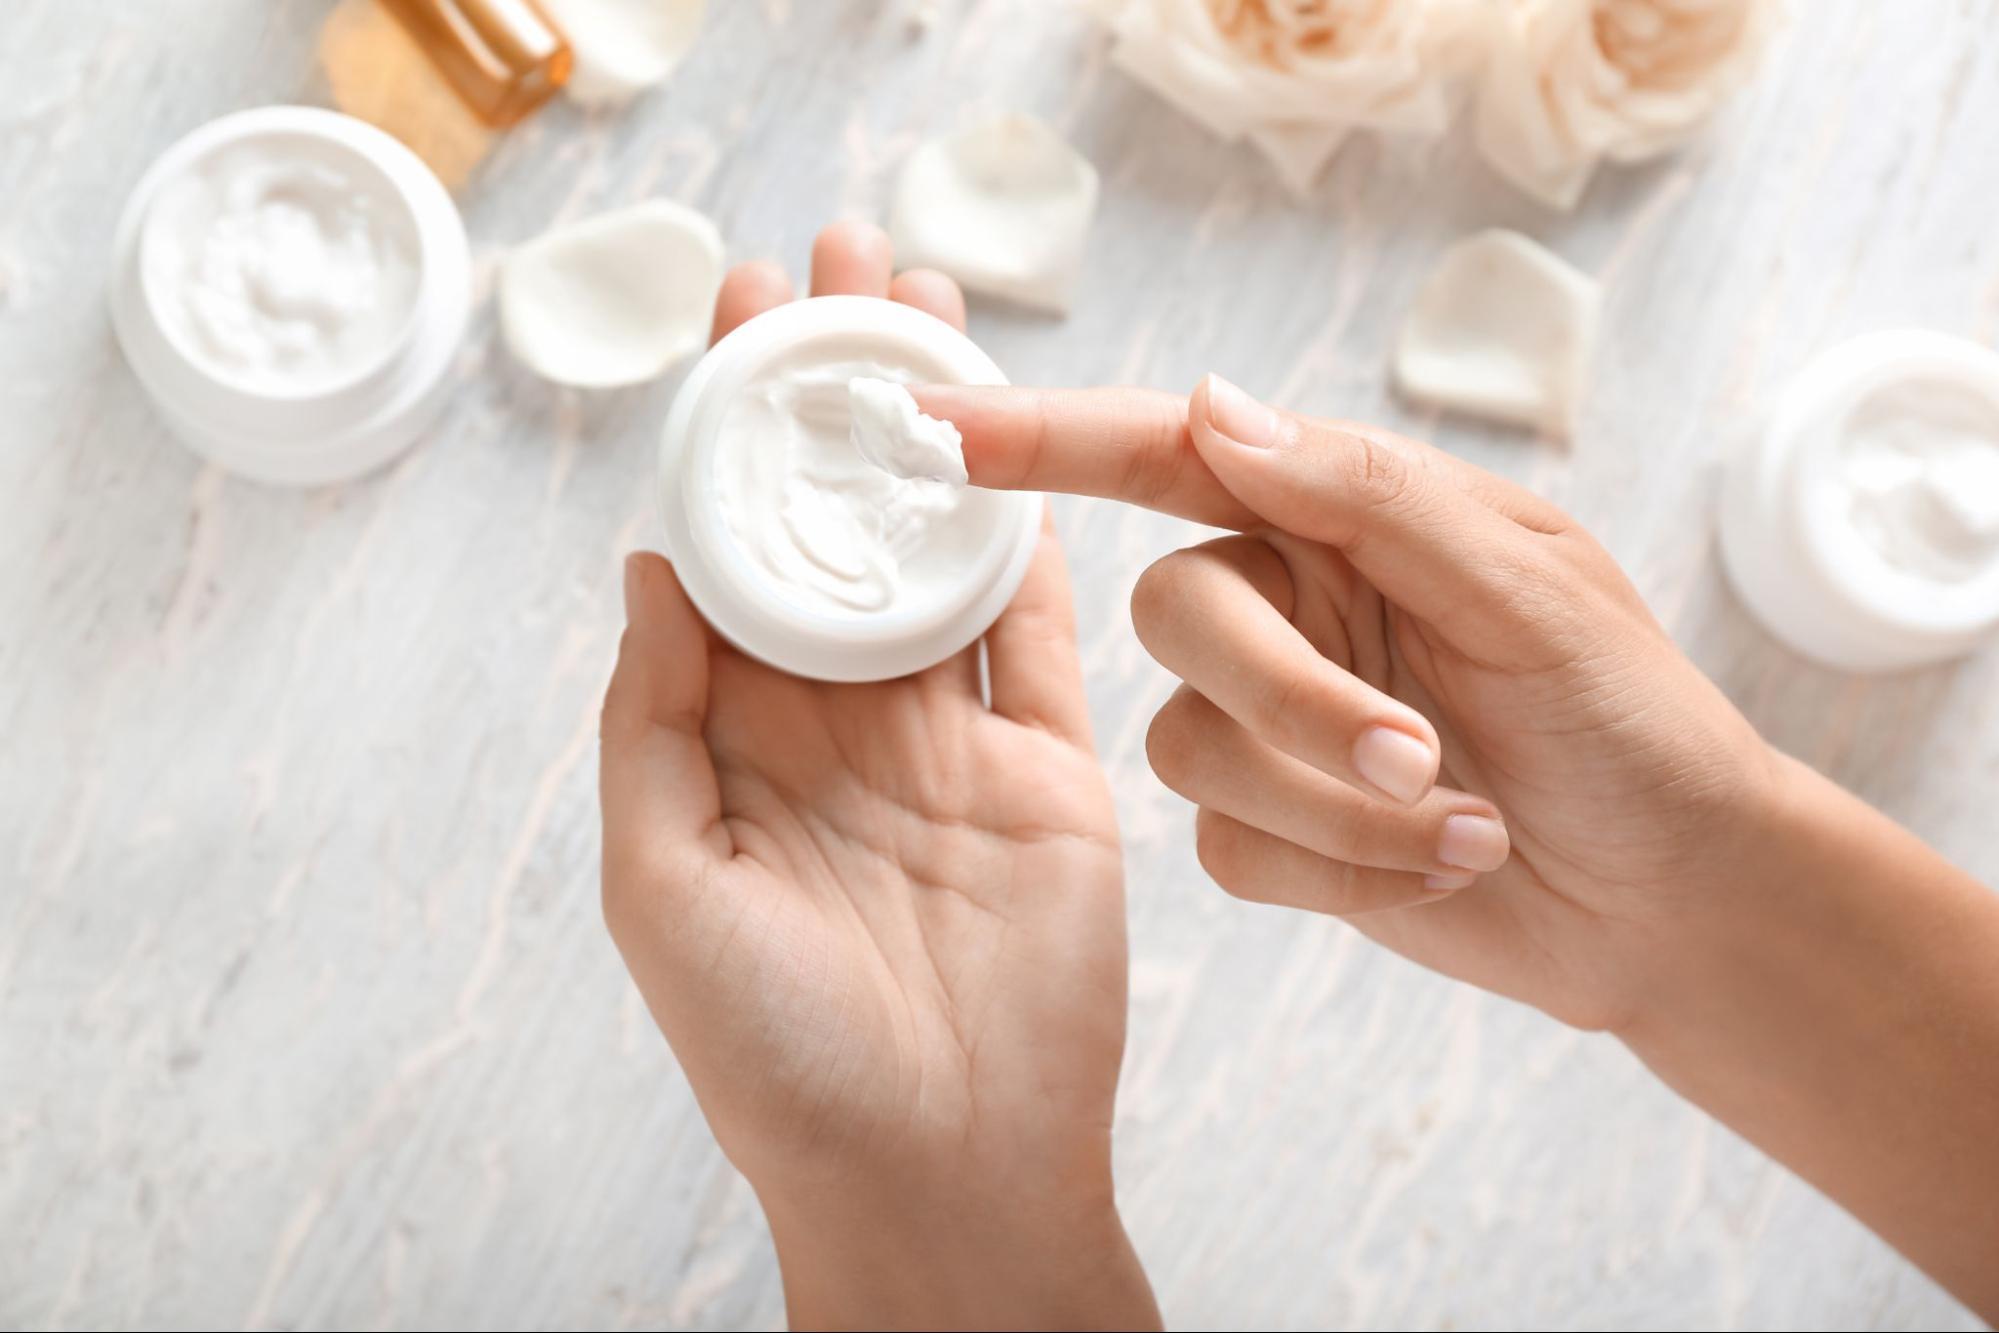 皮膚乾燥怎麼辦?選擇合適保養品做好臉部保濕